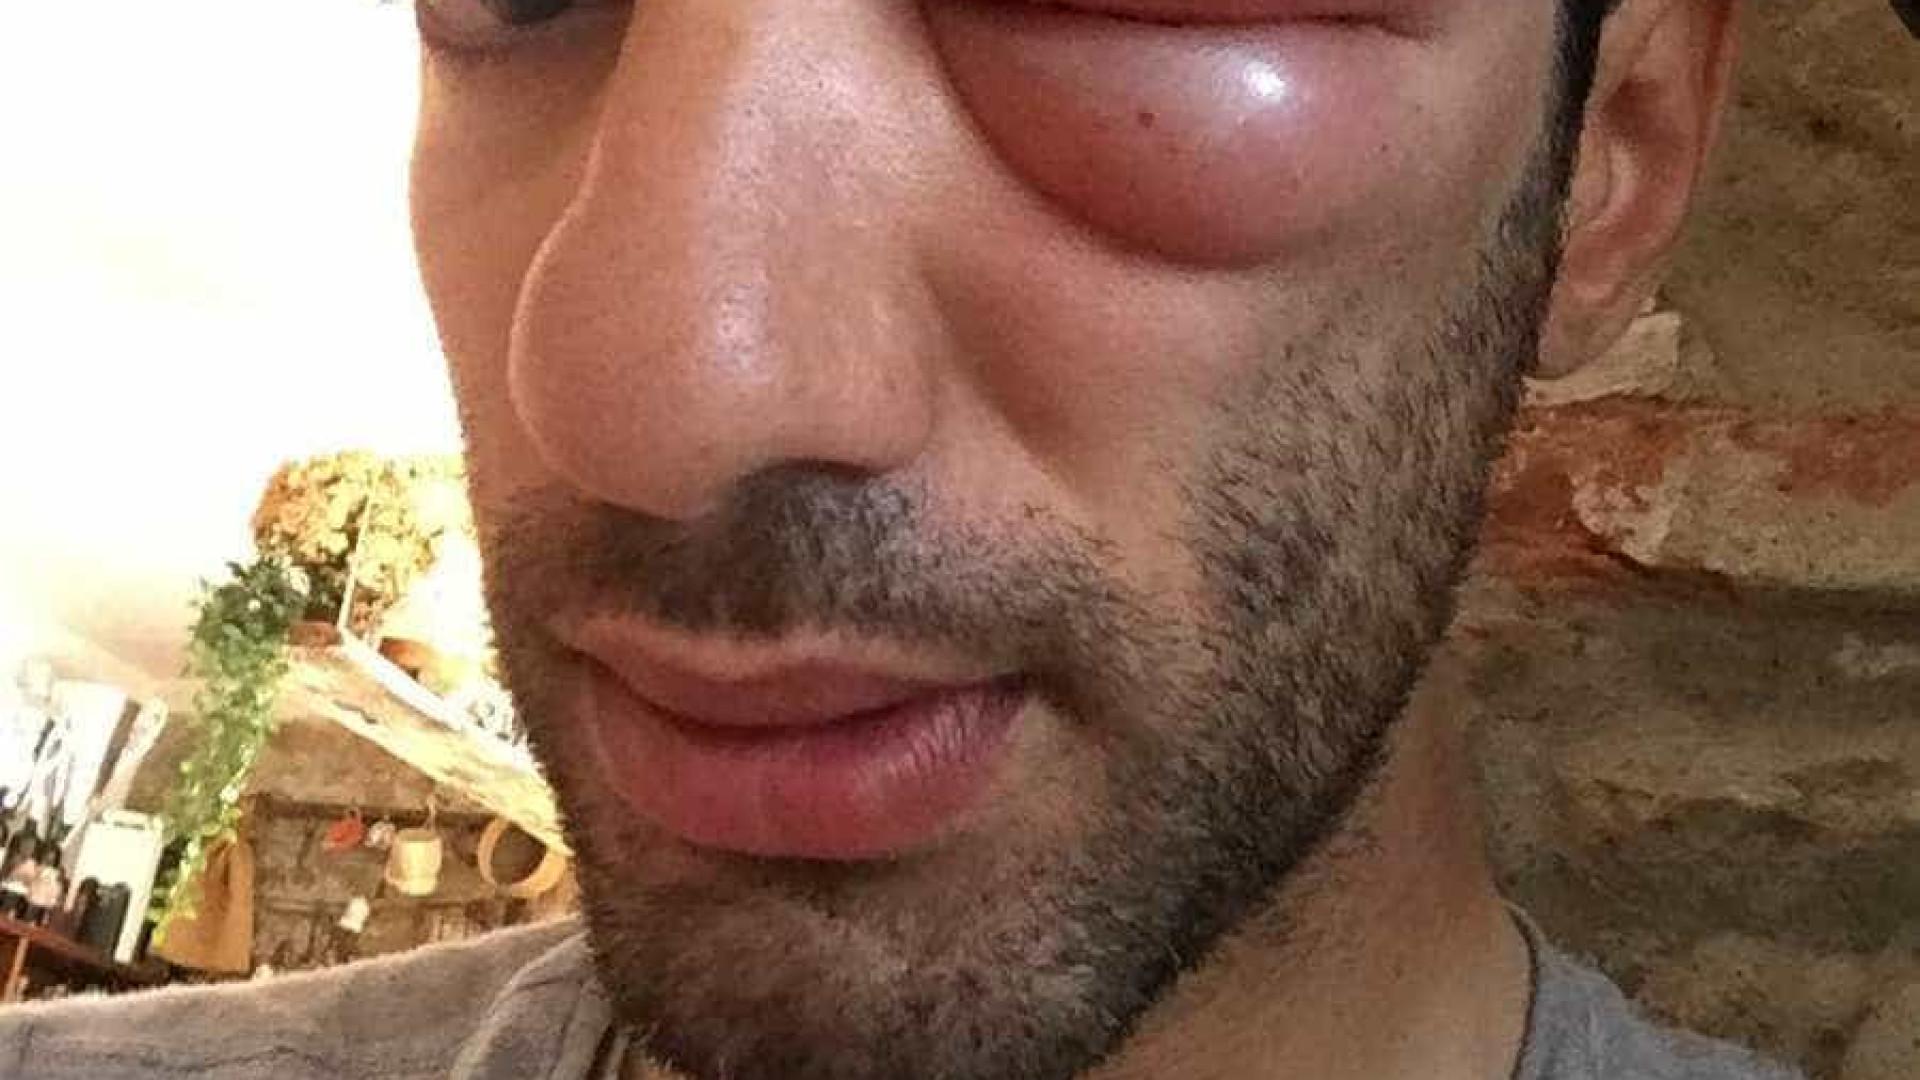 Ciclista fica com rosto desfigurado após picada de inseto; veja